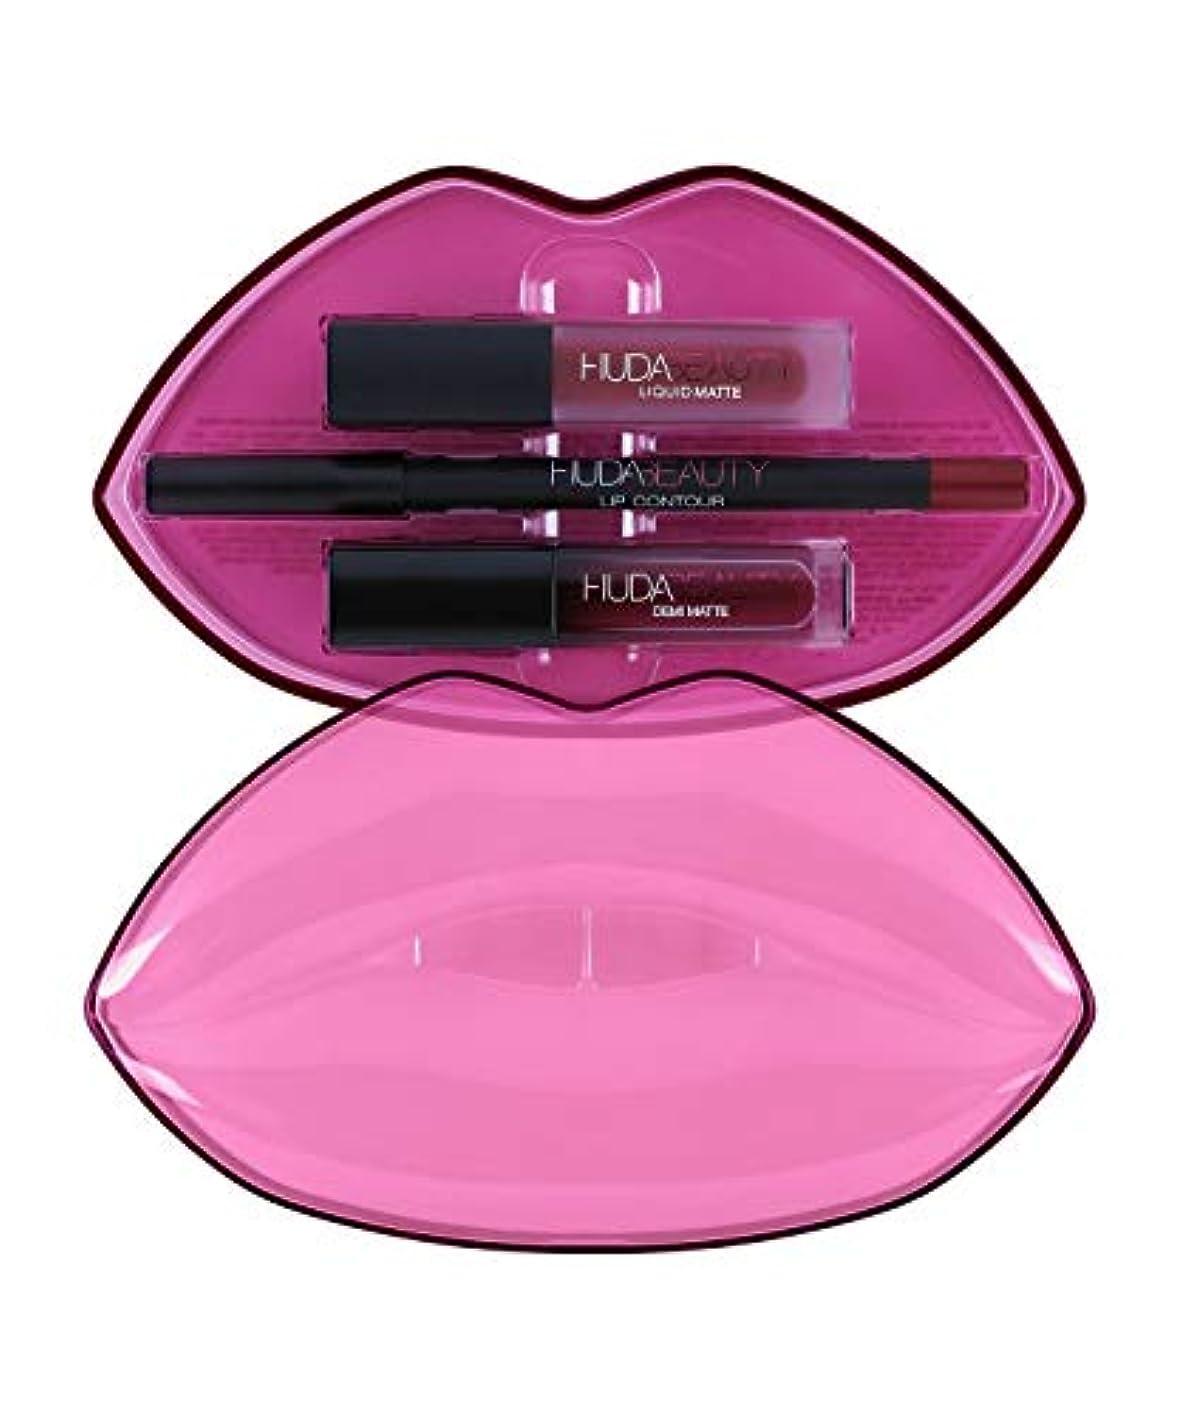 該当するインカ帝国ミルHUDABEAUTY フーダビューティ リップ Demi Matte & Cream Lip Set Bawse & Famous